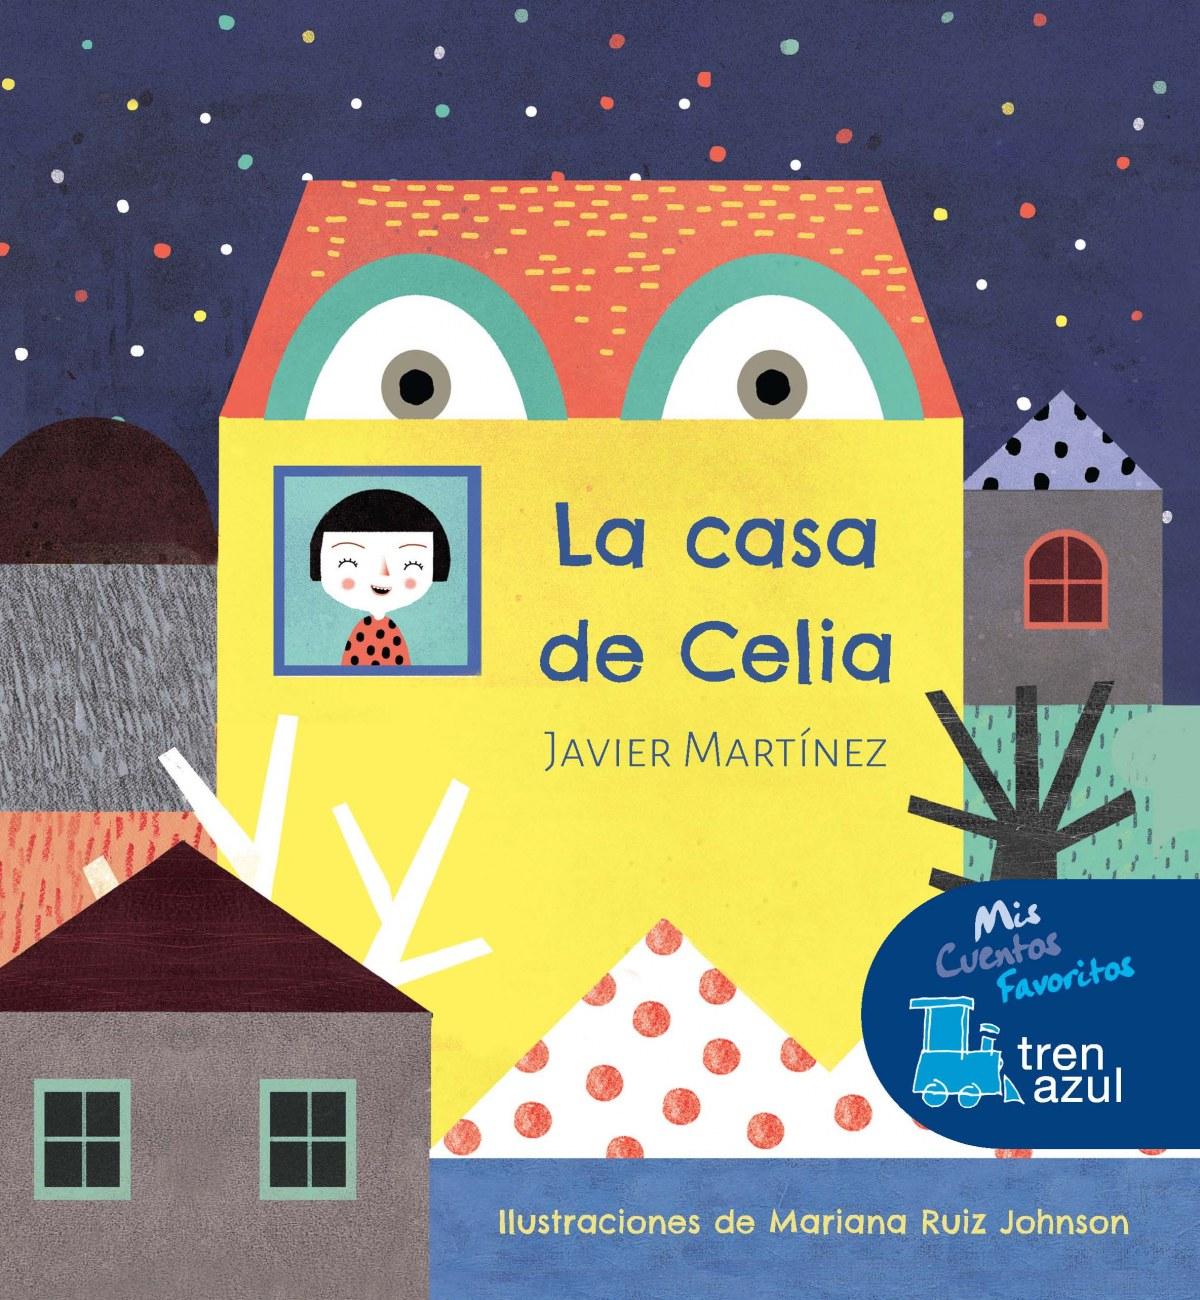 LA CASA DE CELIA 9788468334219